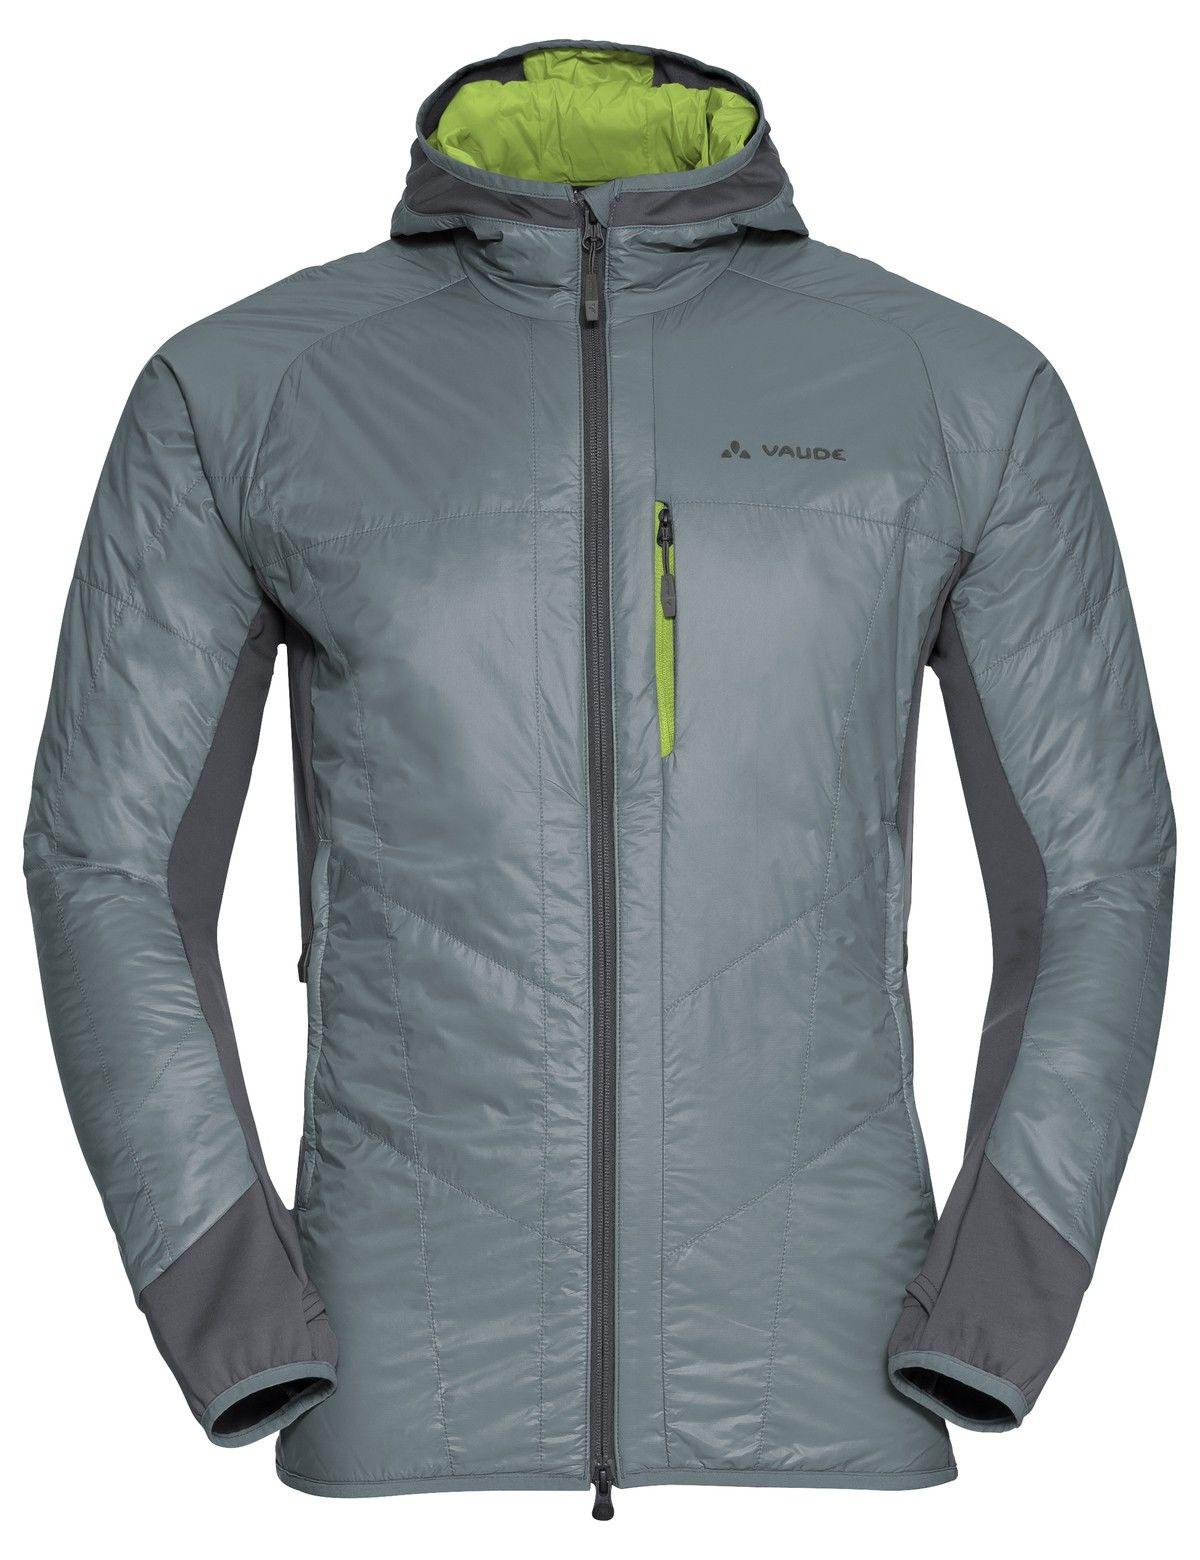 Vaude Sesvenna Jacket II Grau, Male PrimaLoft® Isolationsjacke, XL